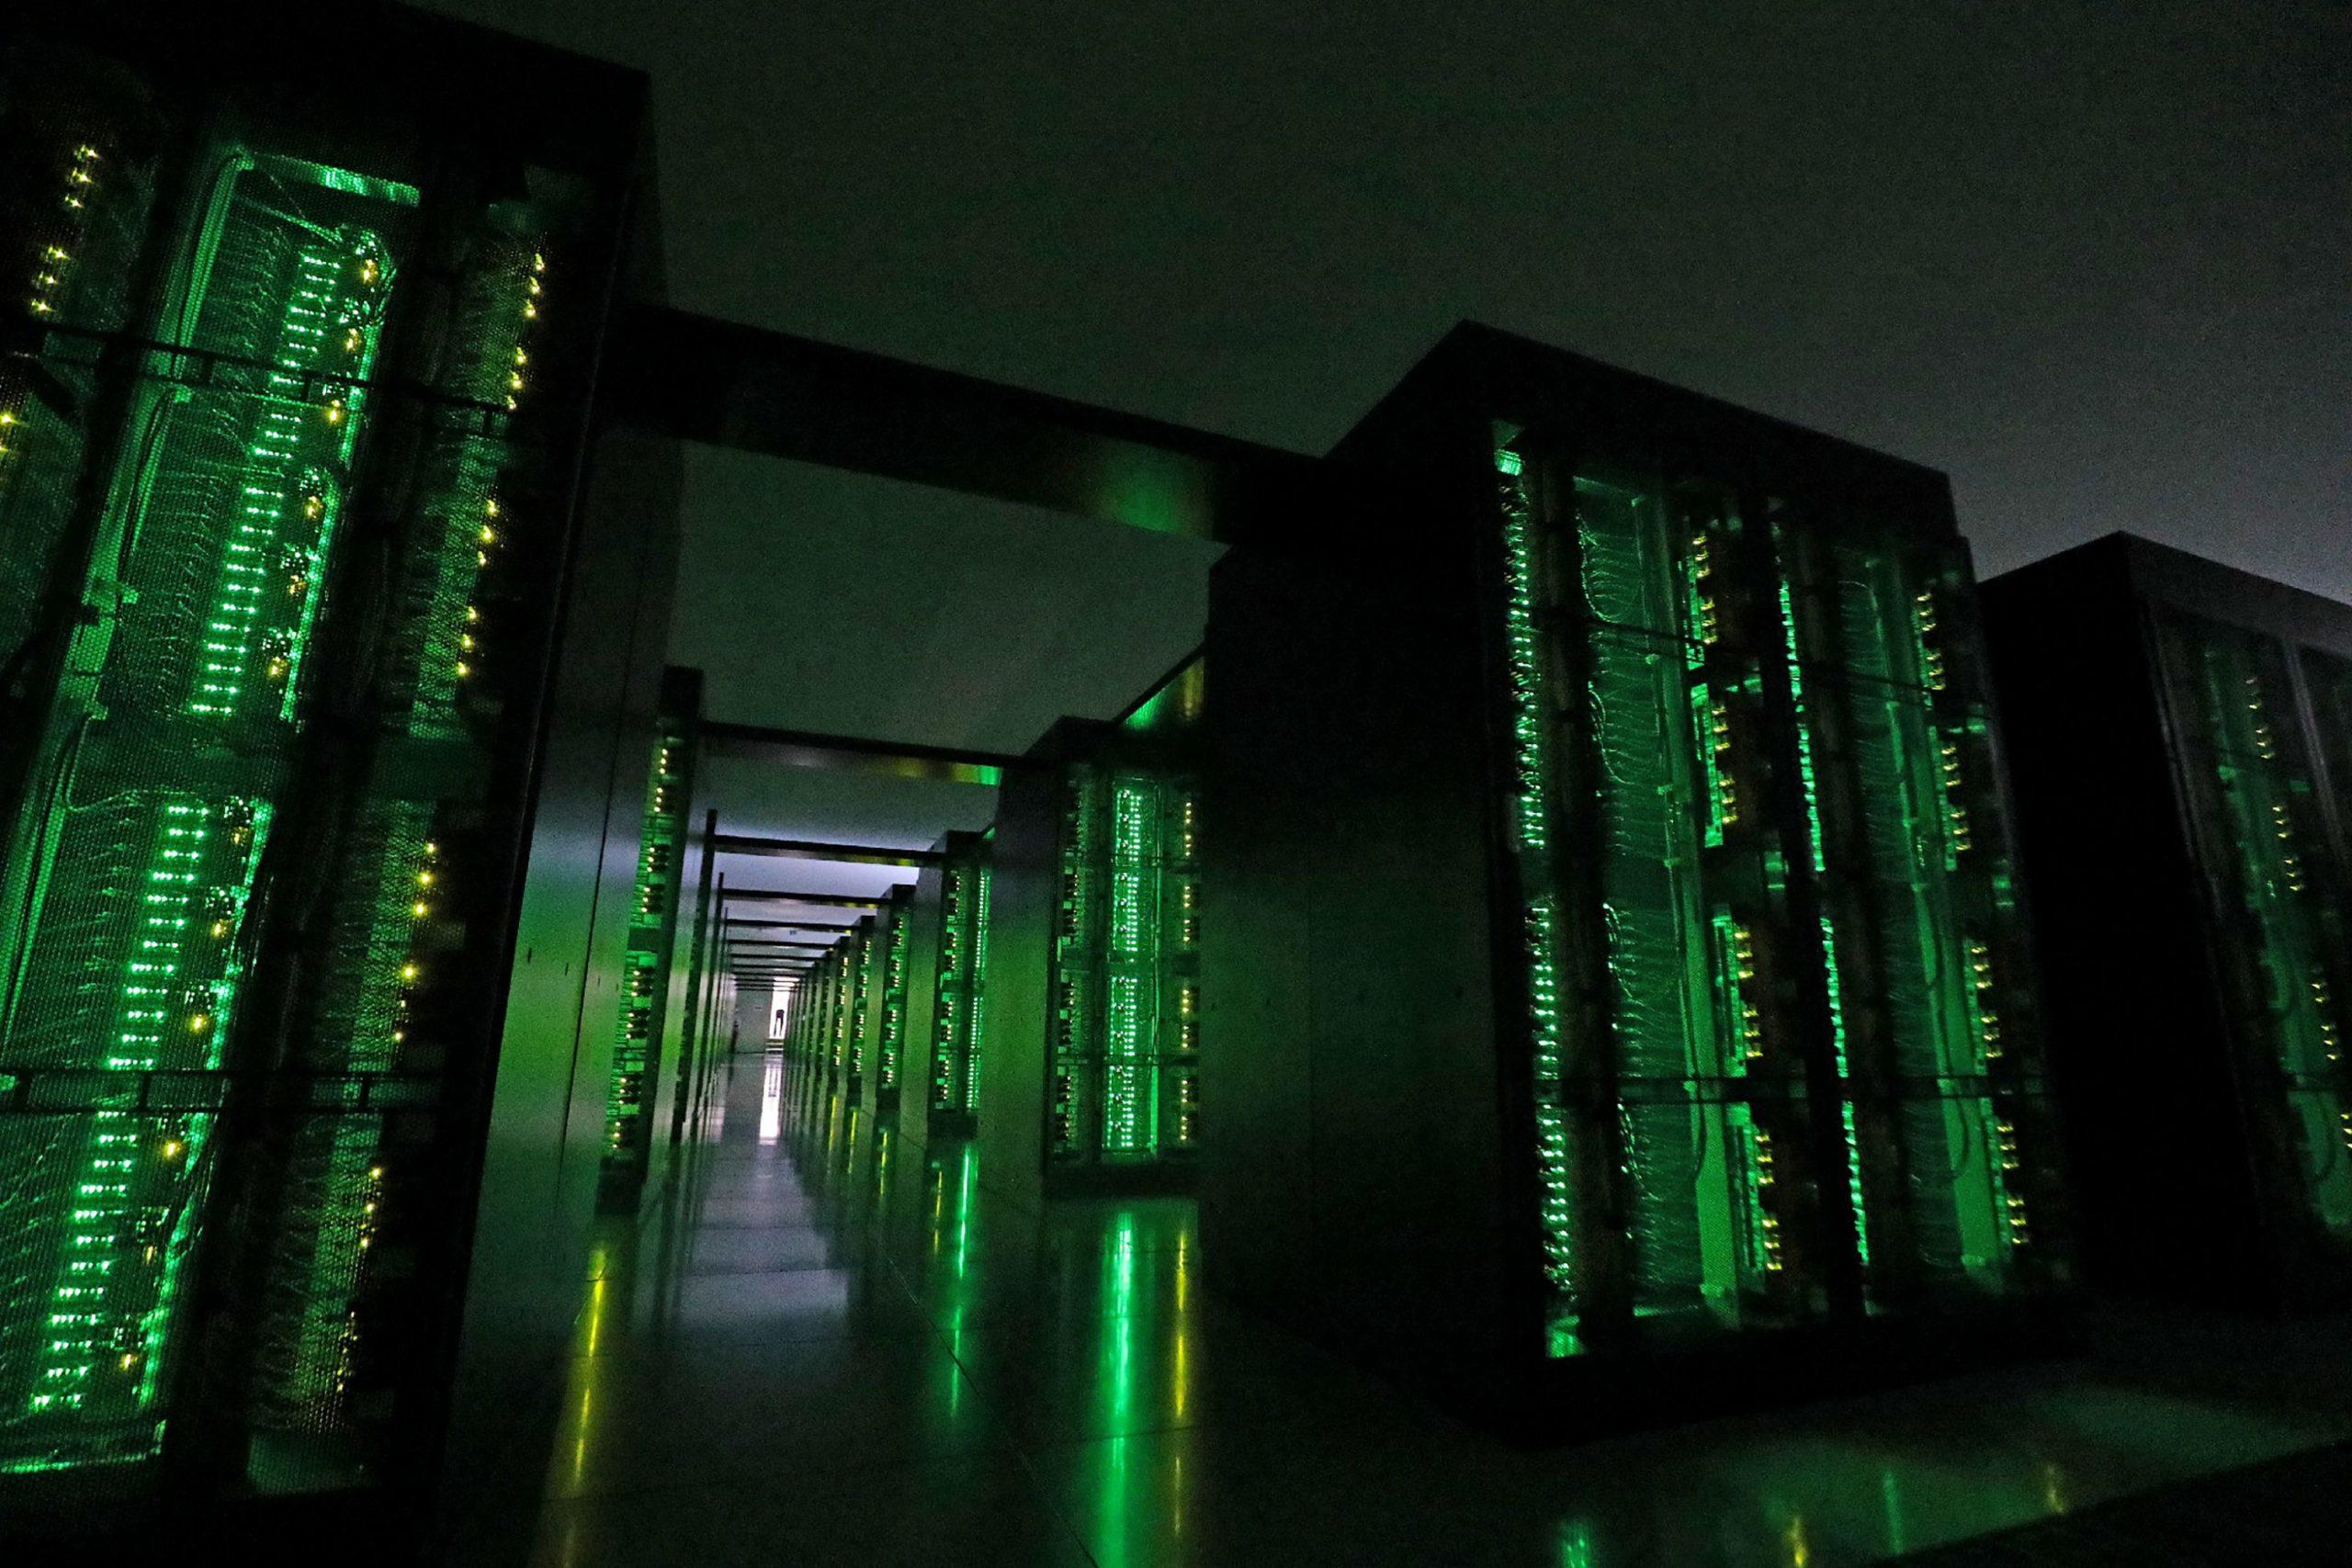 تحطيم الرقم القياسي لأسرع حاسوب عملاق في العالم - الحاسوب فوجاكو - الحاسوب فائق السرعة - أسرع حاسوب كبير في العالم - المعالجة الحاسوبية